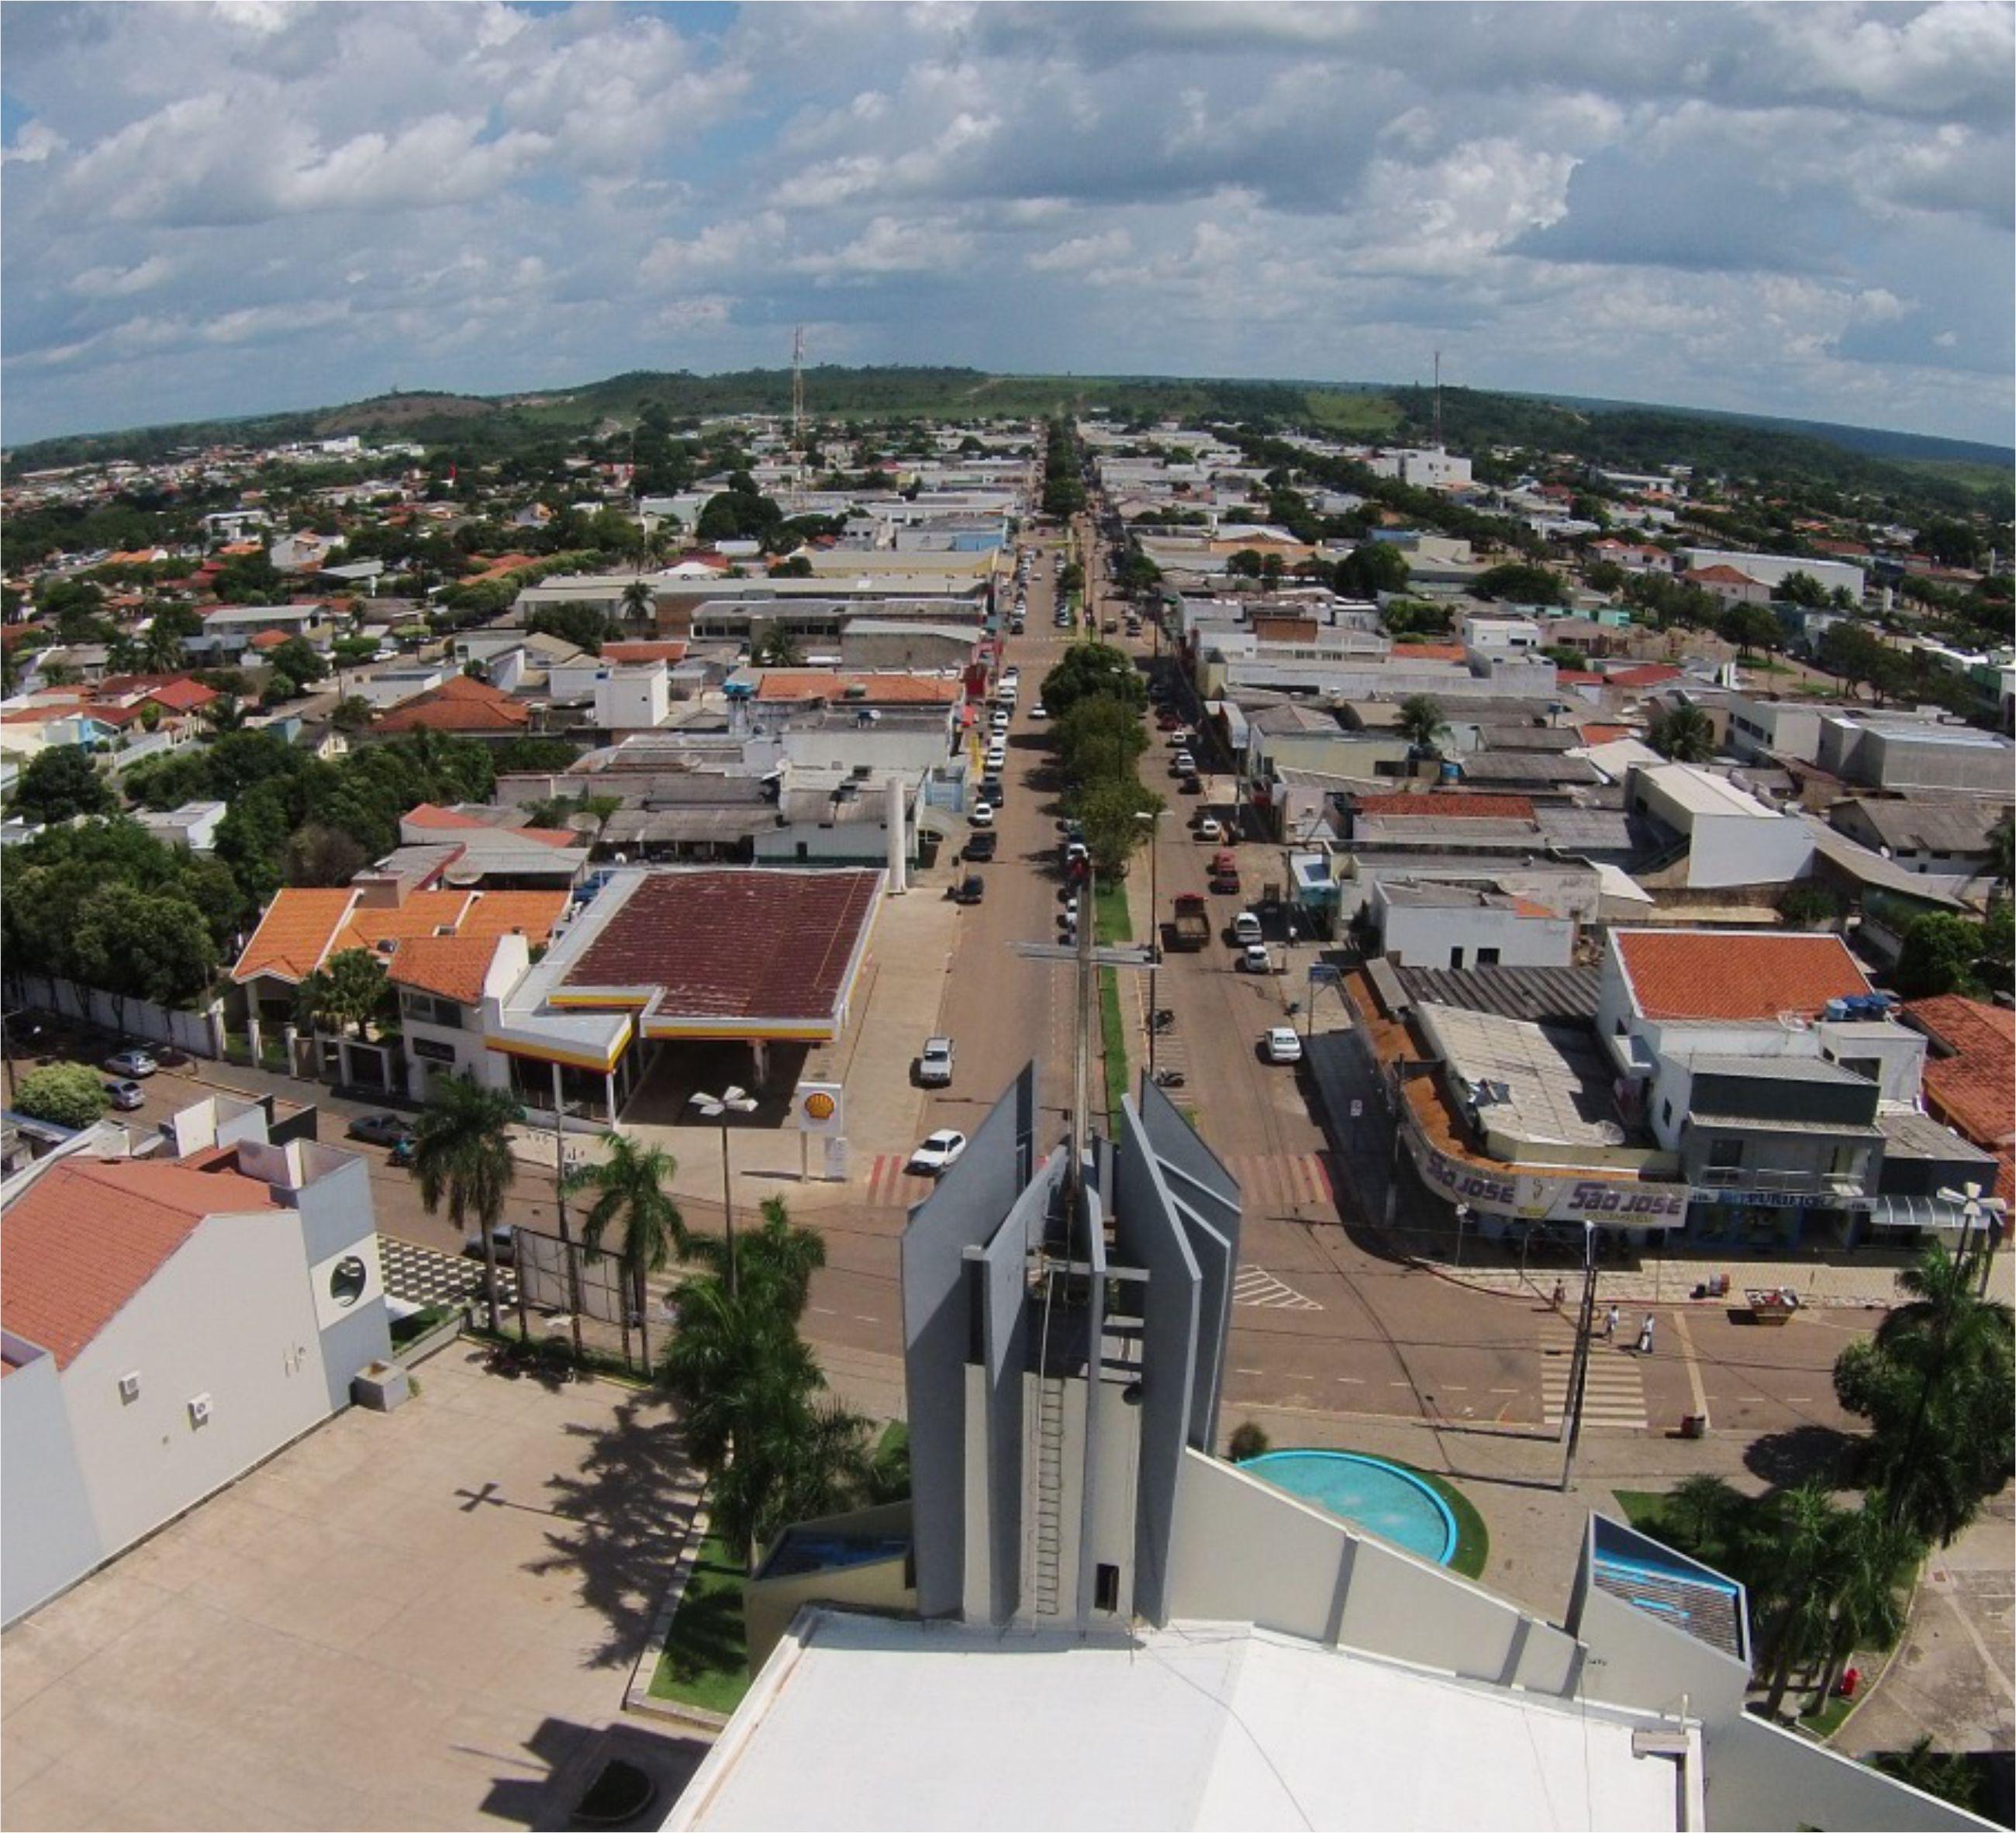 Colíder Mato Grosso fonte: www.megaviagensmt.com.br